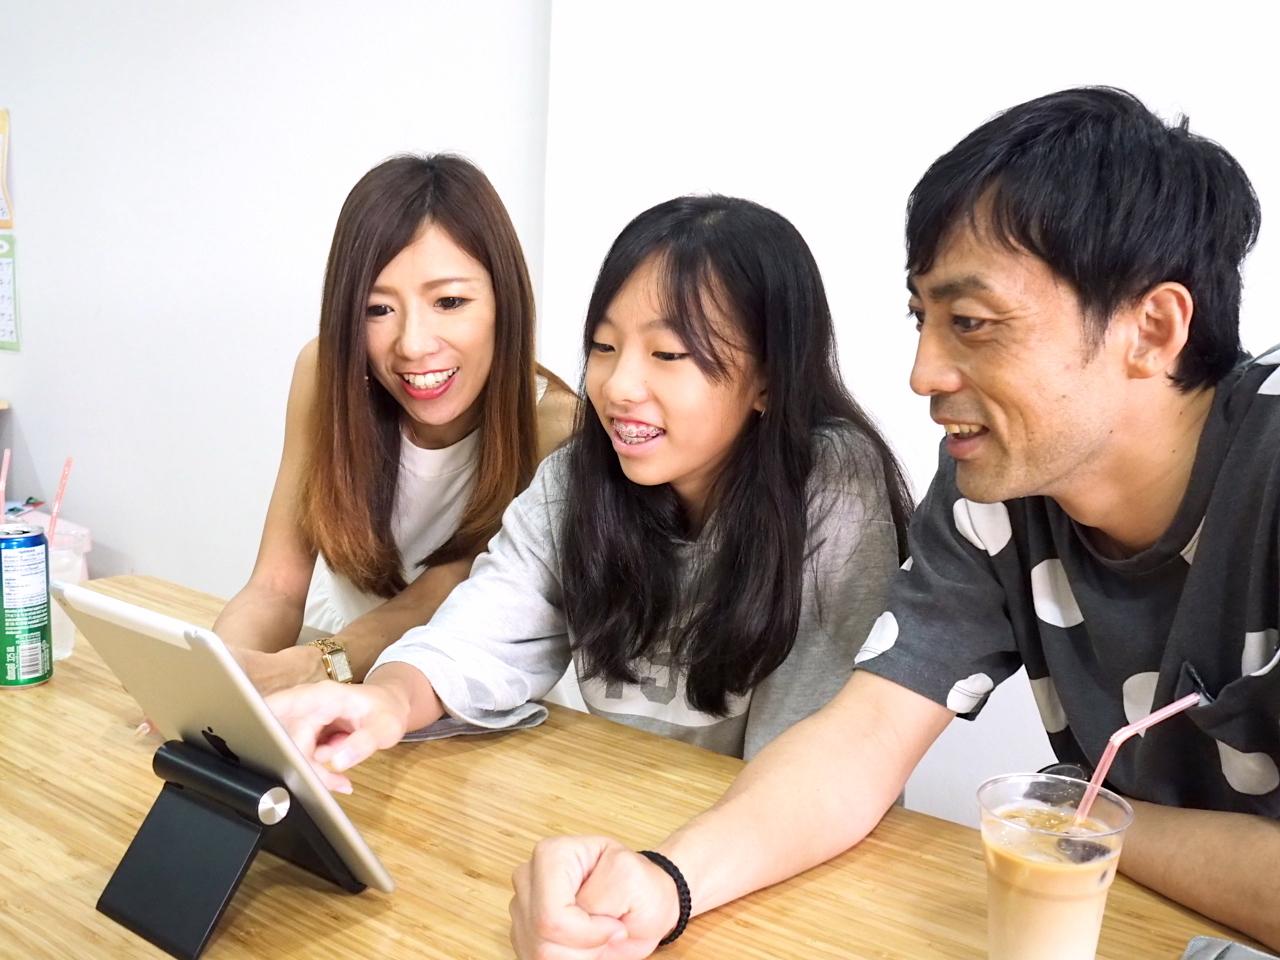 【新赴任・新生活応援】親子でできる!? 英会話アプリでネイティブな英語を習得しちゃおう